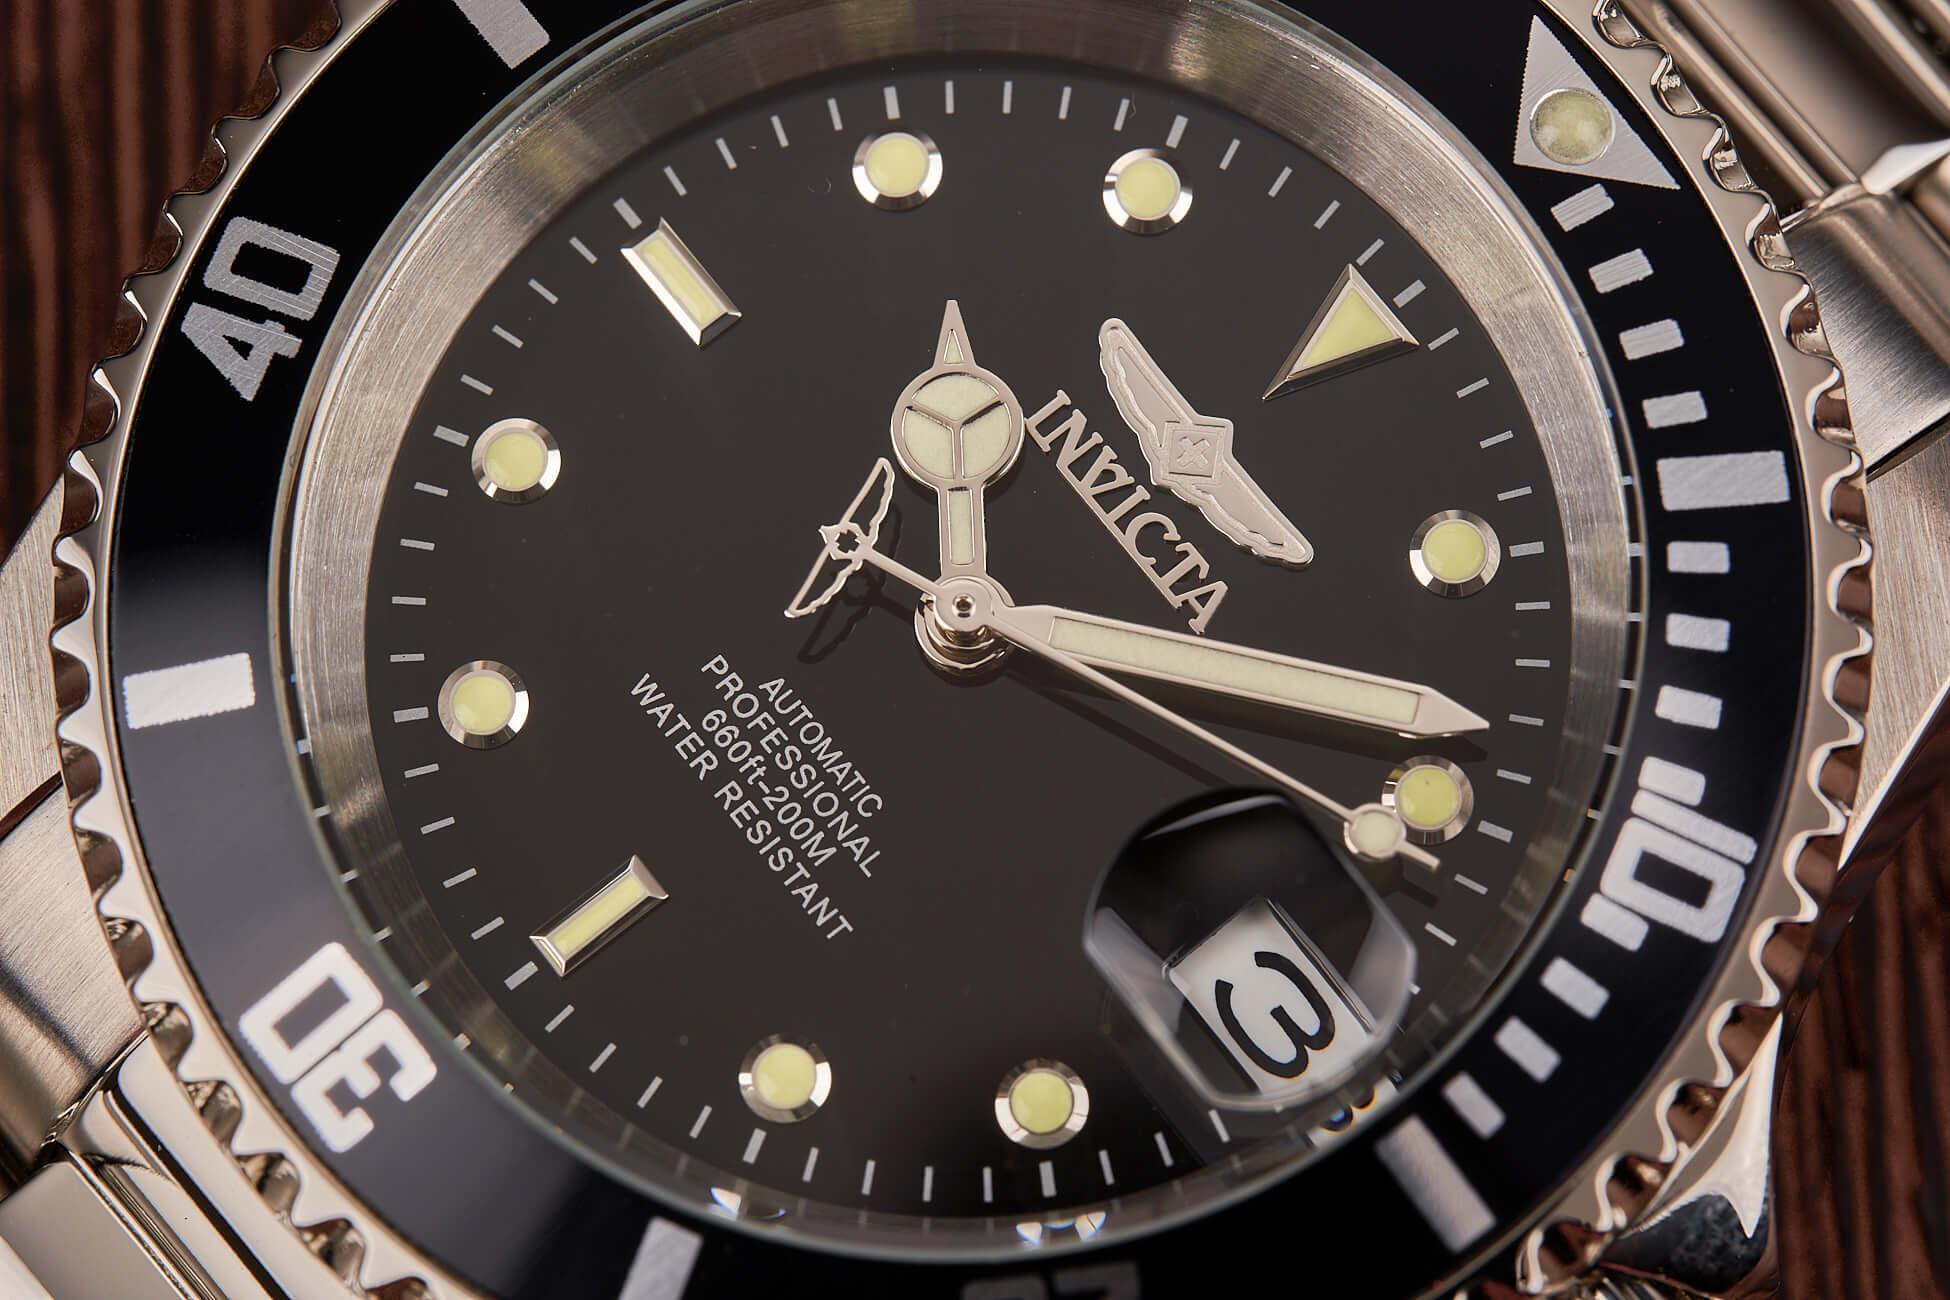 invicta-pro-diver-8926ob-13